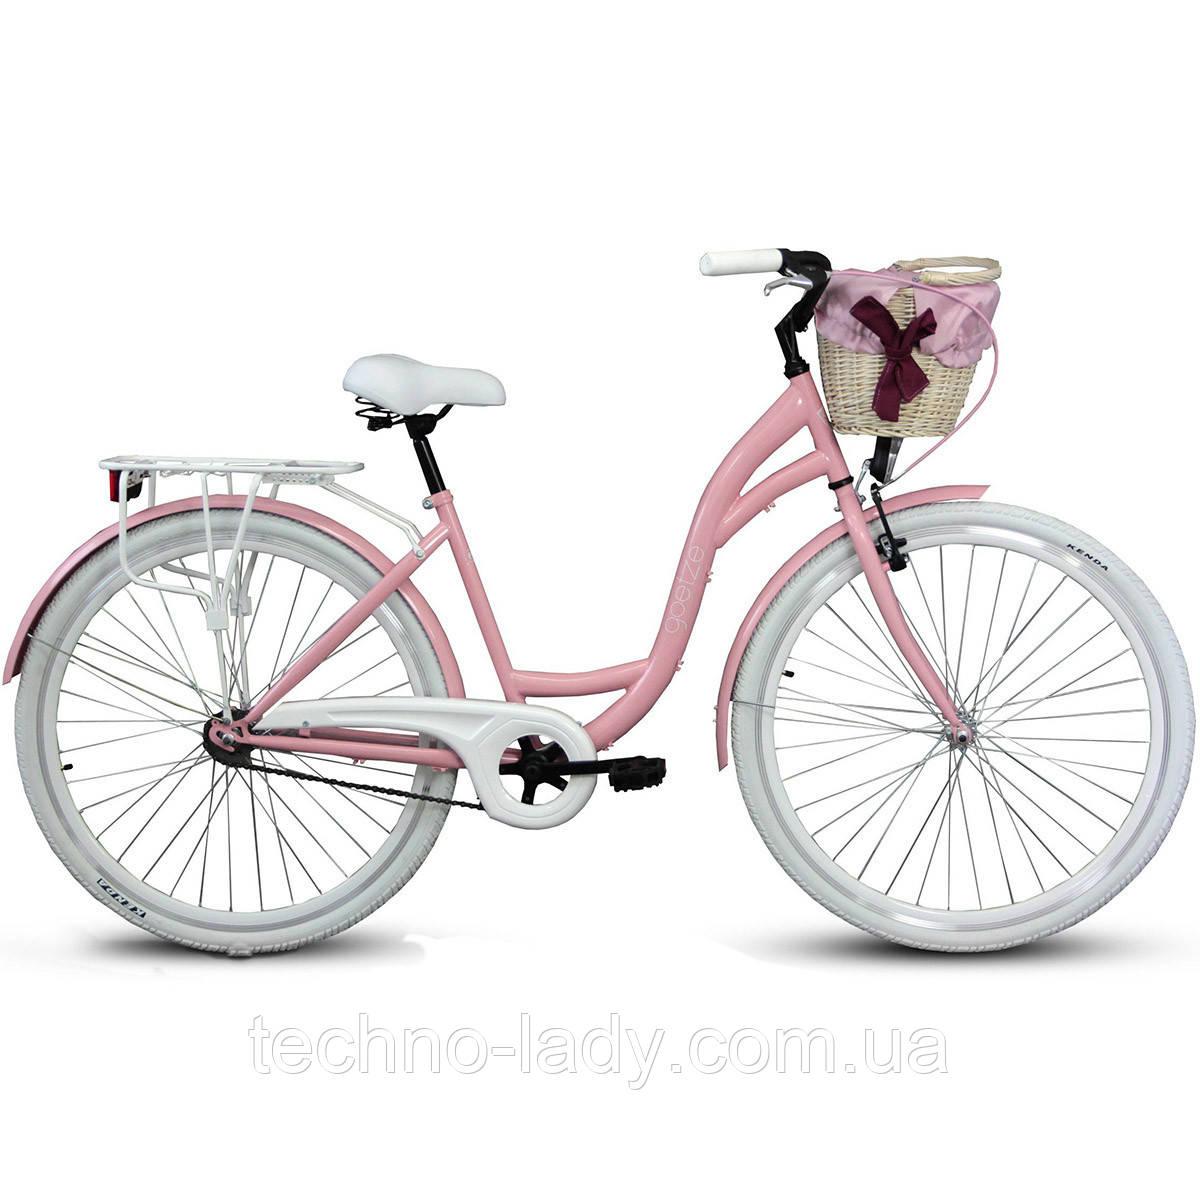 Женский городской велосипед Goetze STYLE 28